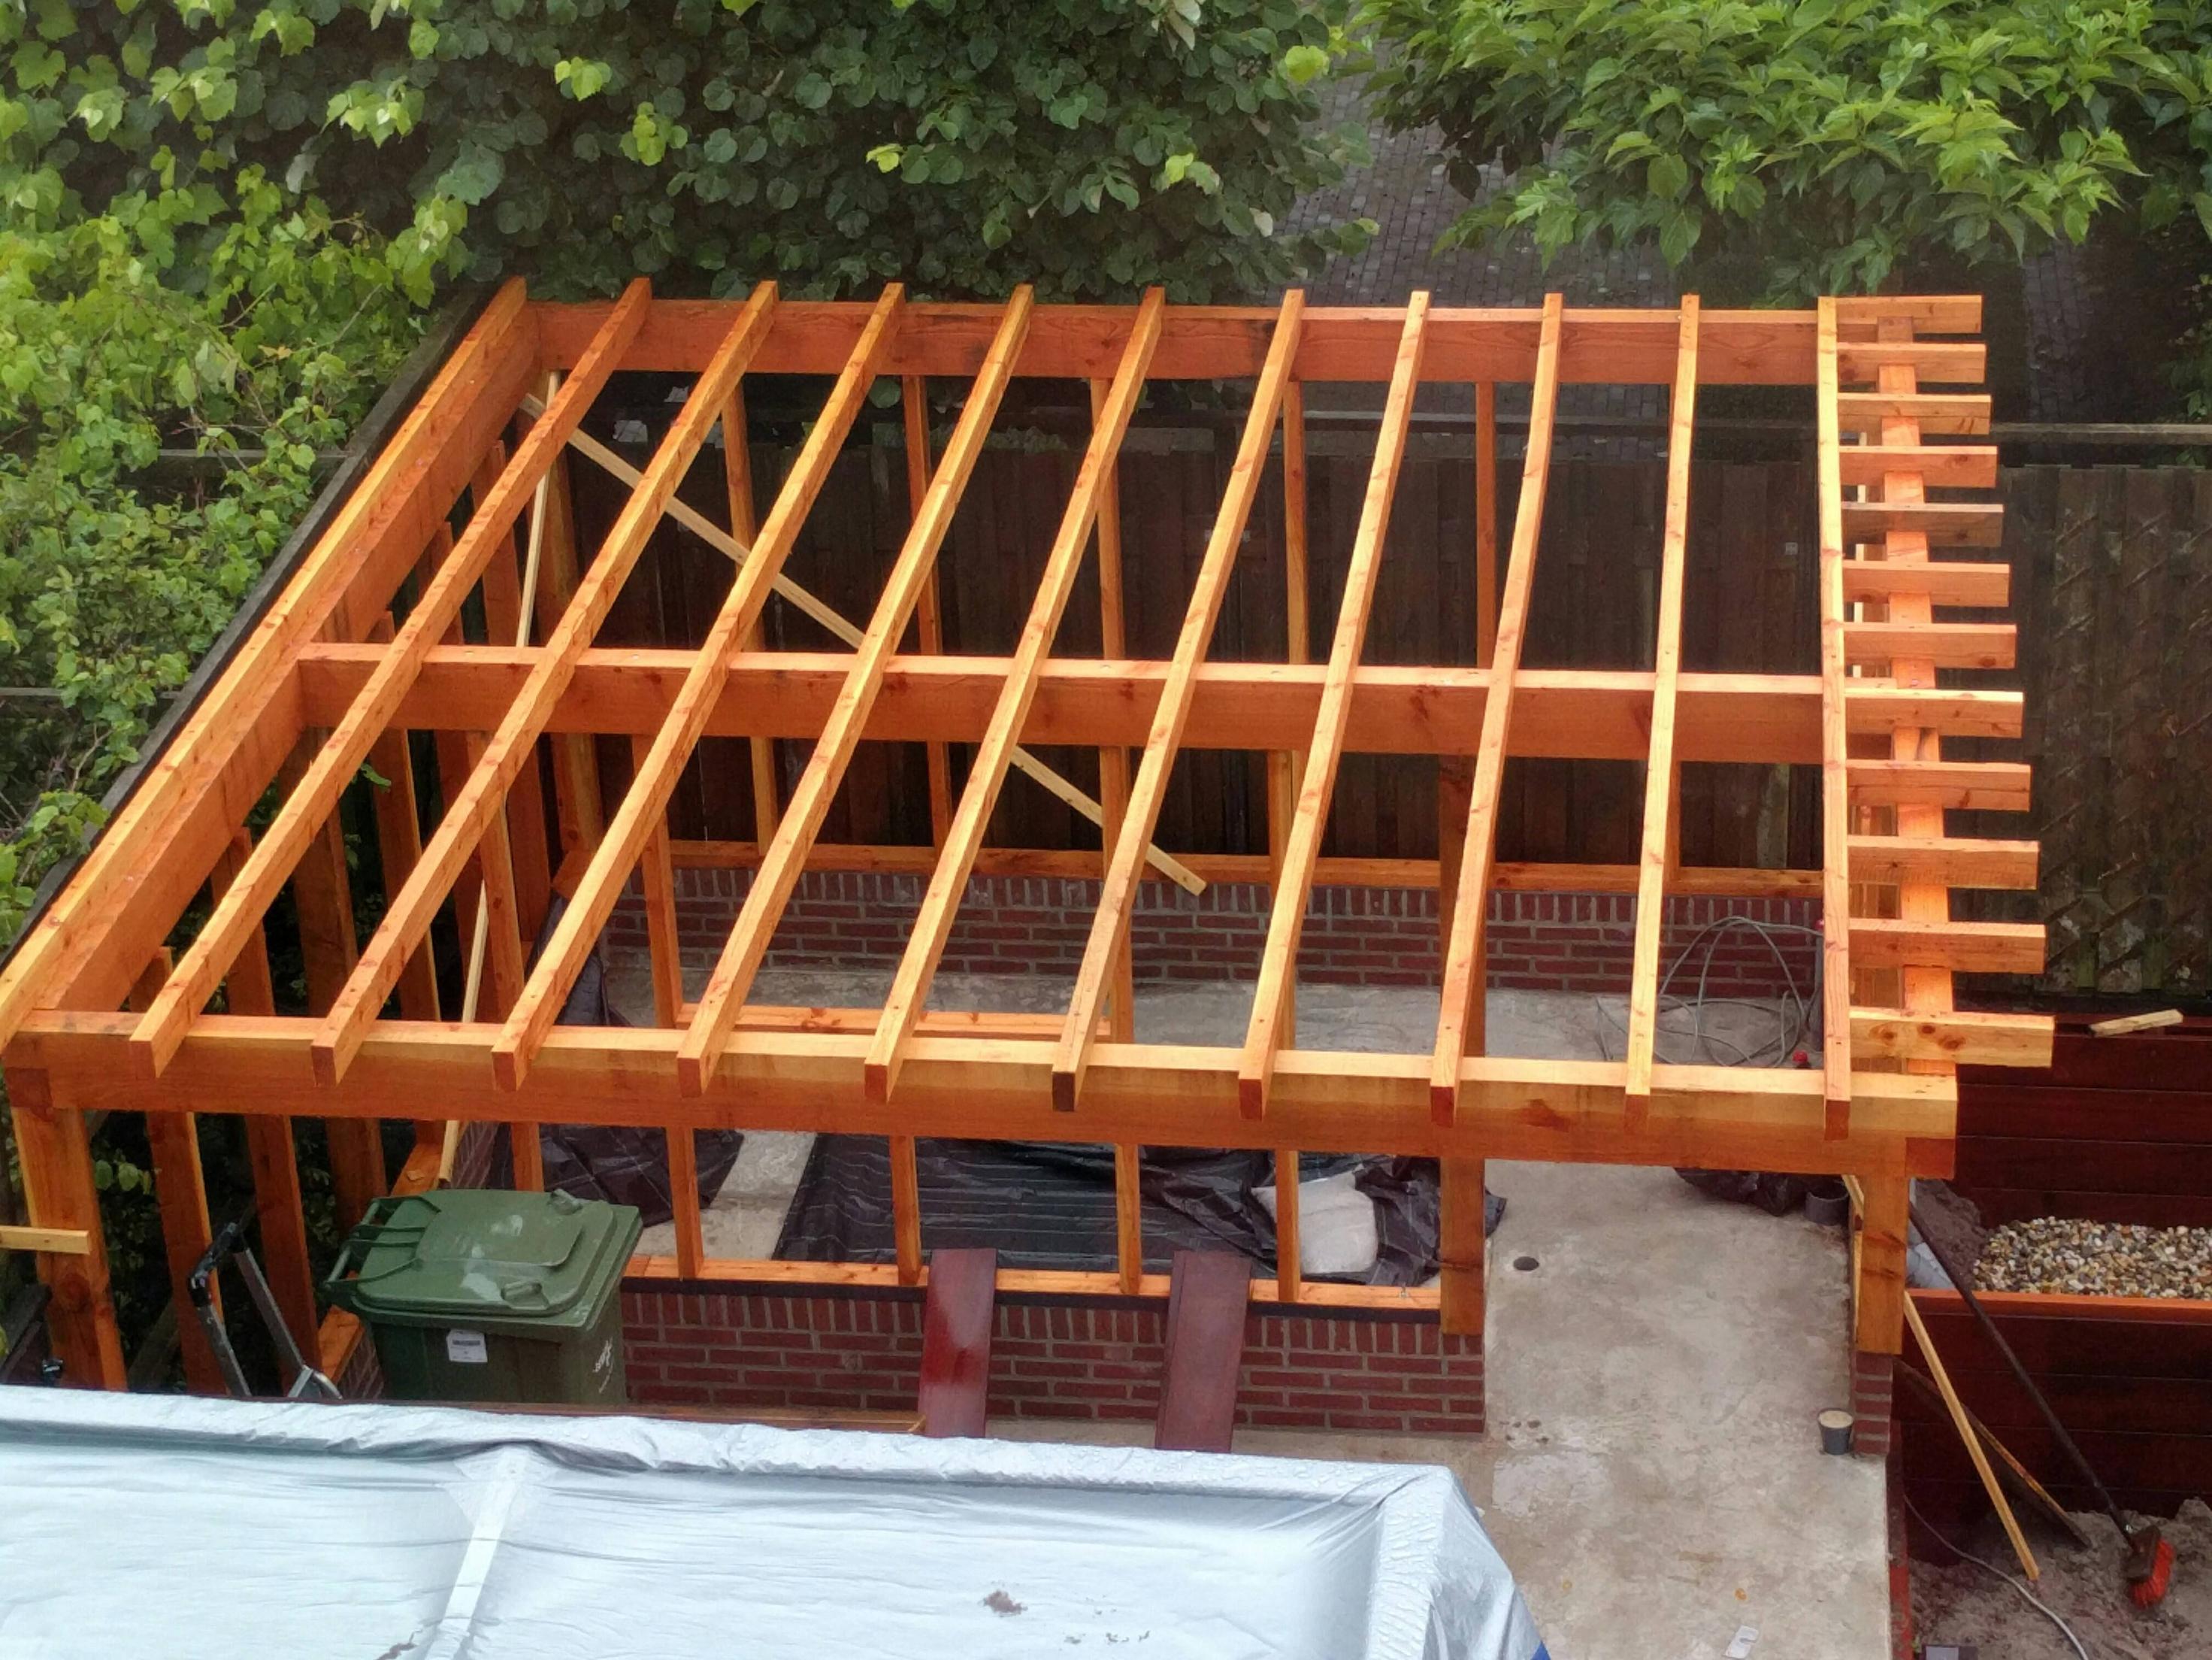 Wood roof photo